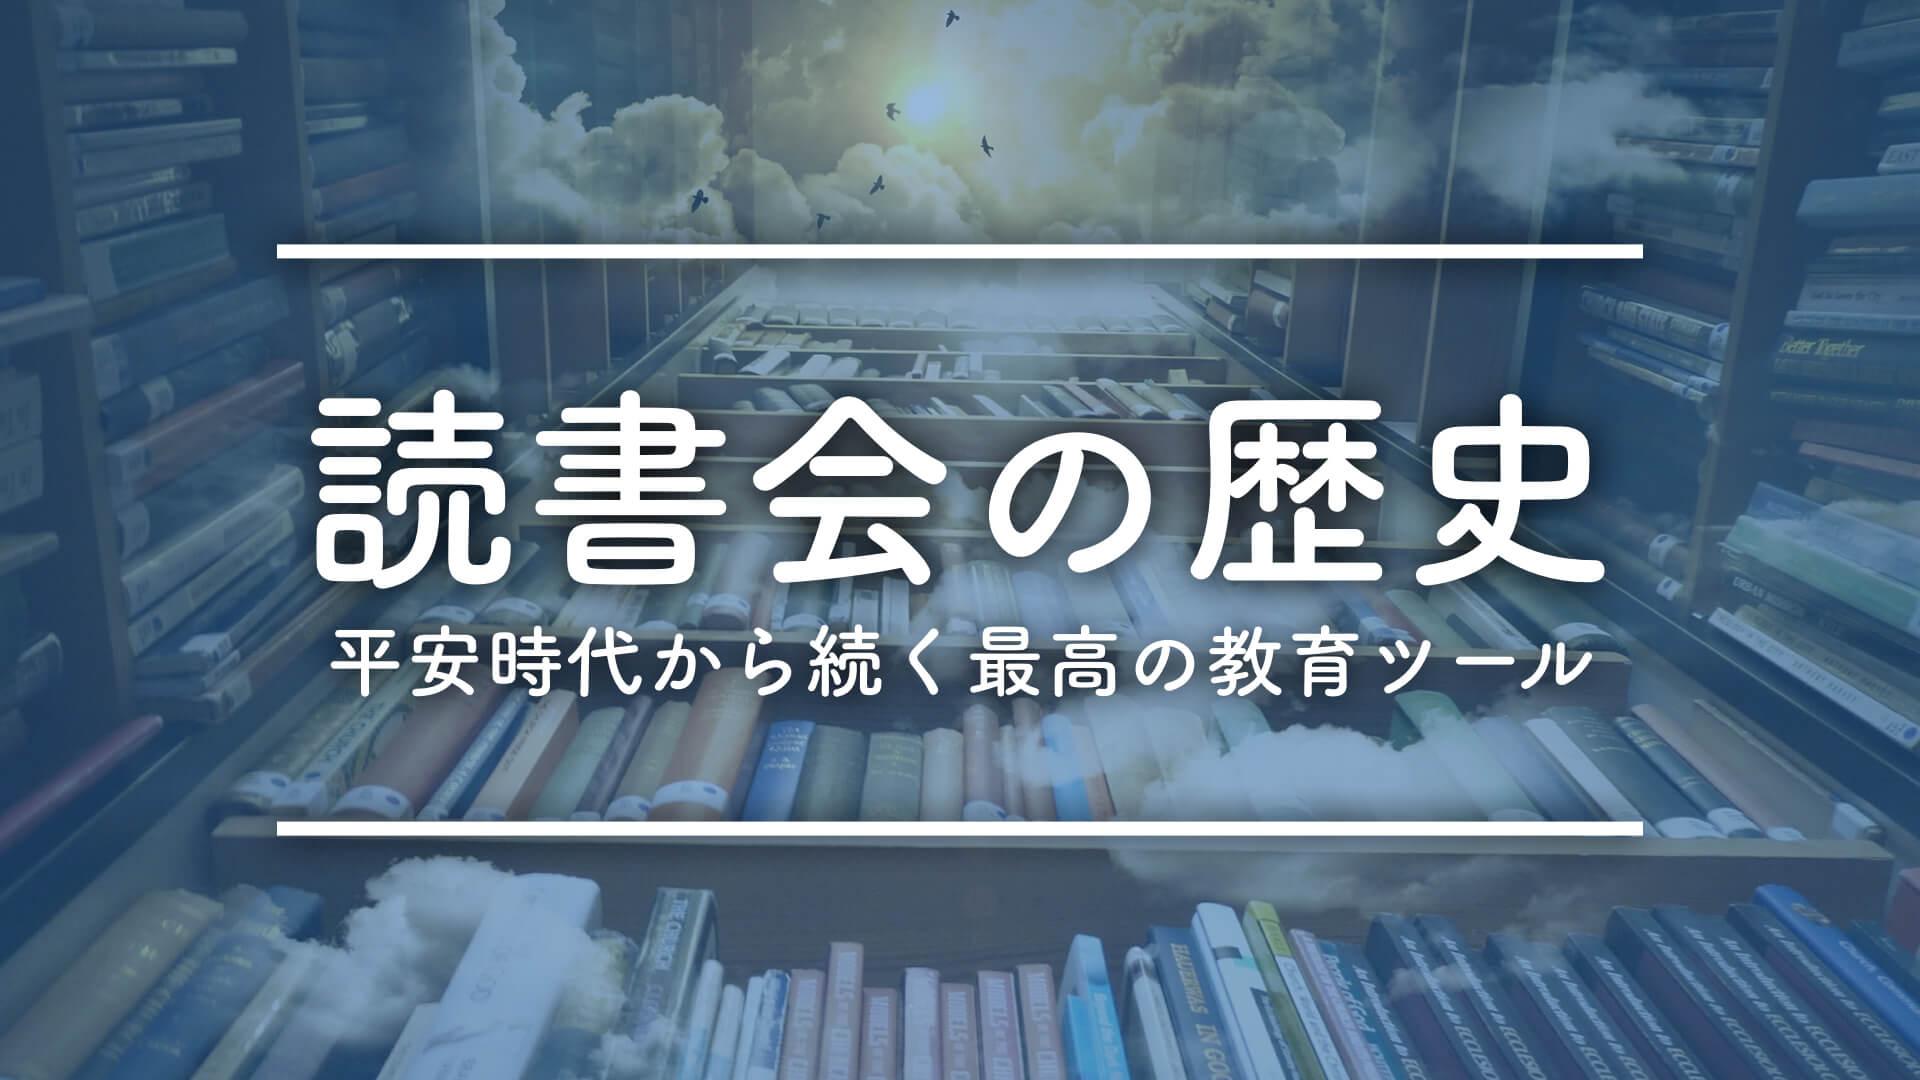 【読書会歴史】平安時代から続く最高の教育法!読書会の歴史解説!